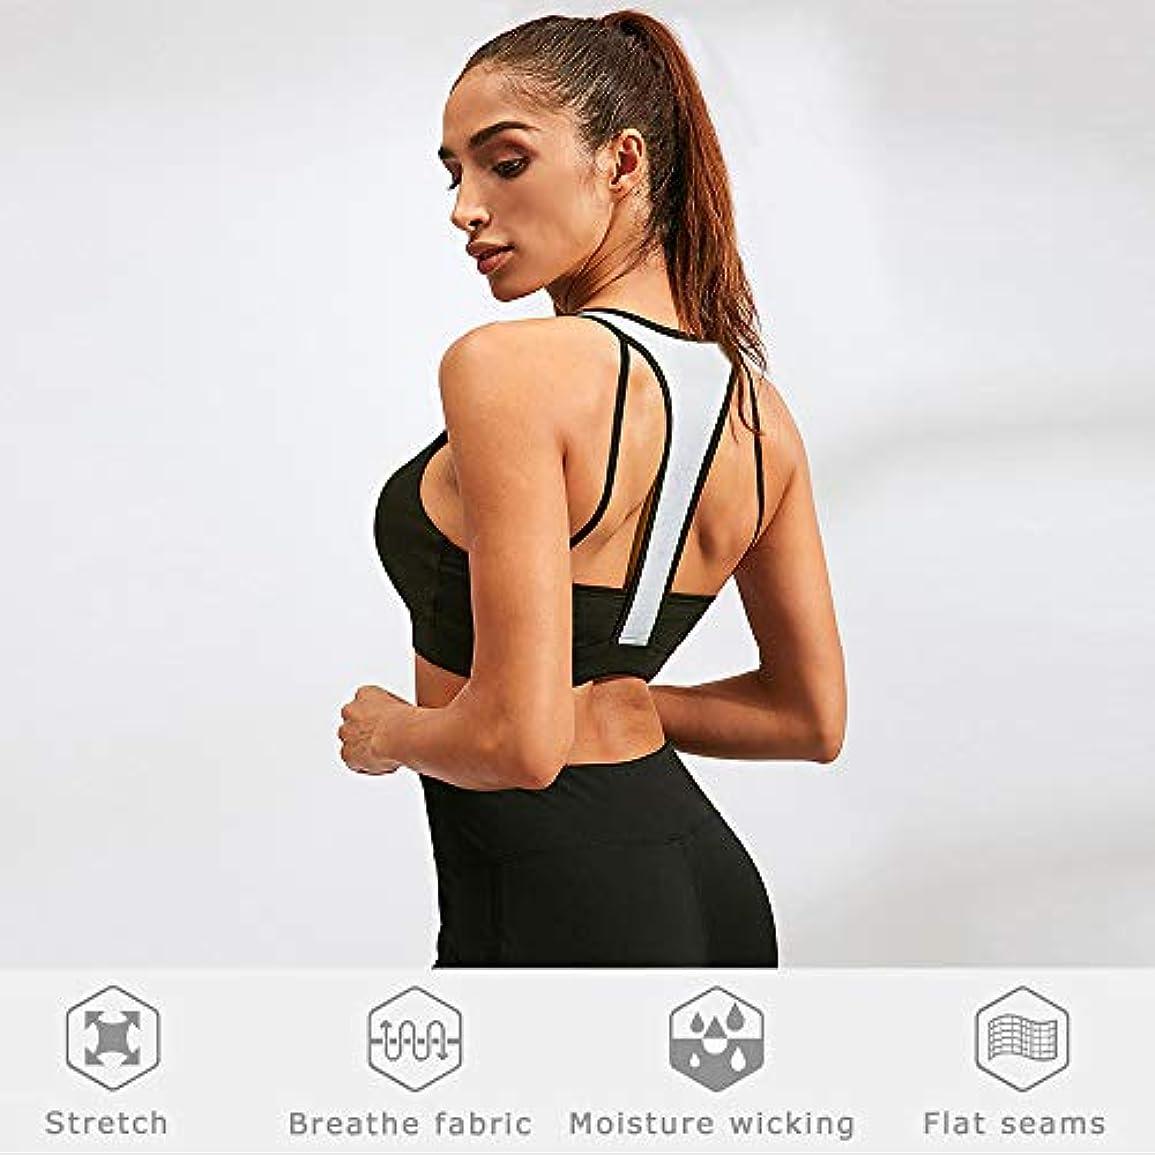 図ホイップスポーツBenkeg フィットネス女性ヨガブラジャータンクトップワークアウトベストバックレスランニングジムプッシュアップスポーツブラジャー